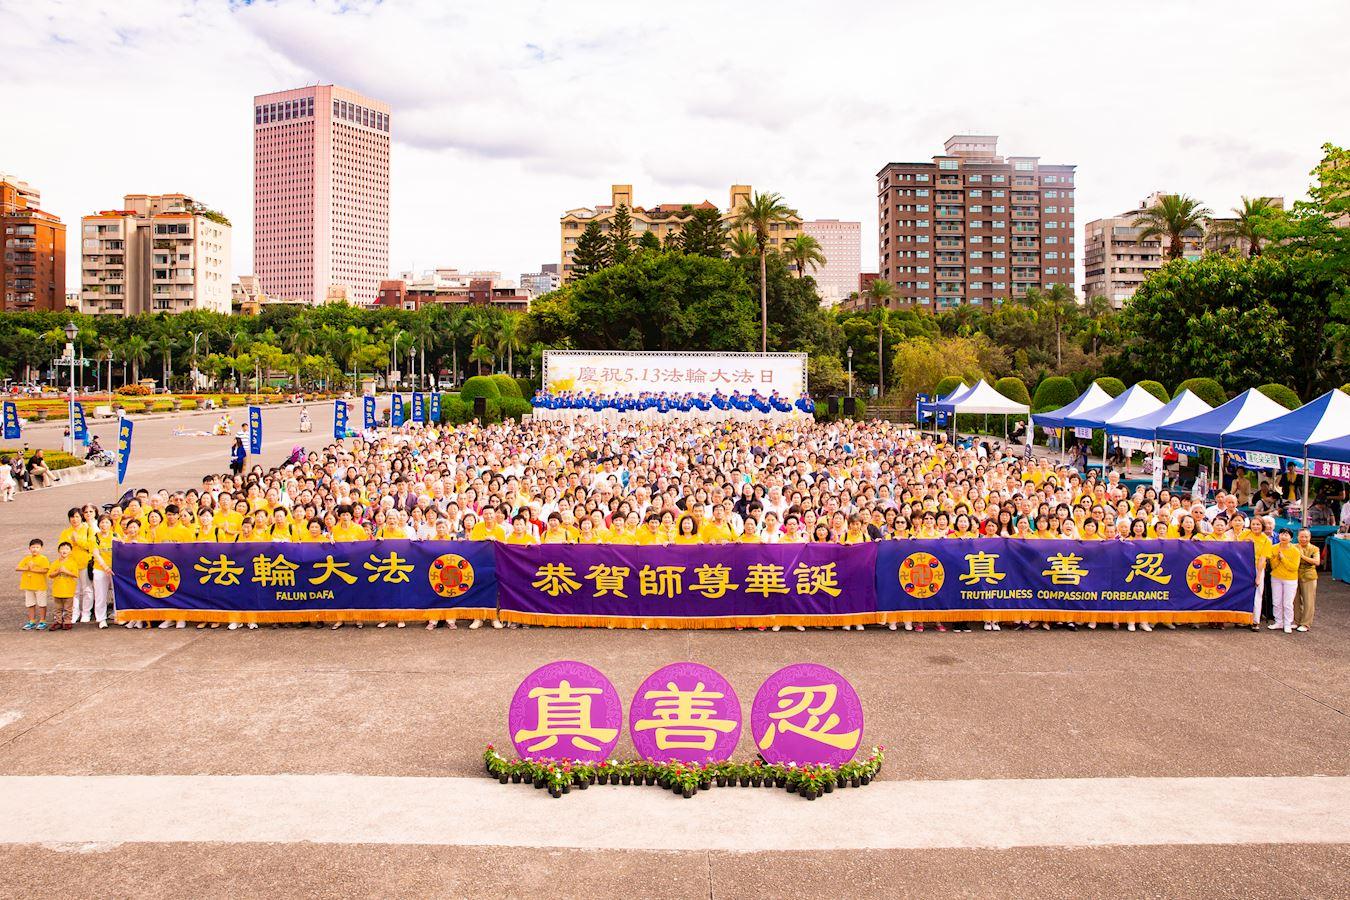 雙北地區上千名法輪功學員慶祝「世界法輪大法日」,恭祝李洪志師尊華誕。(明慧網)